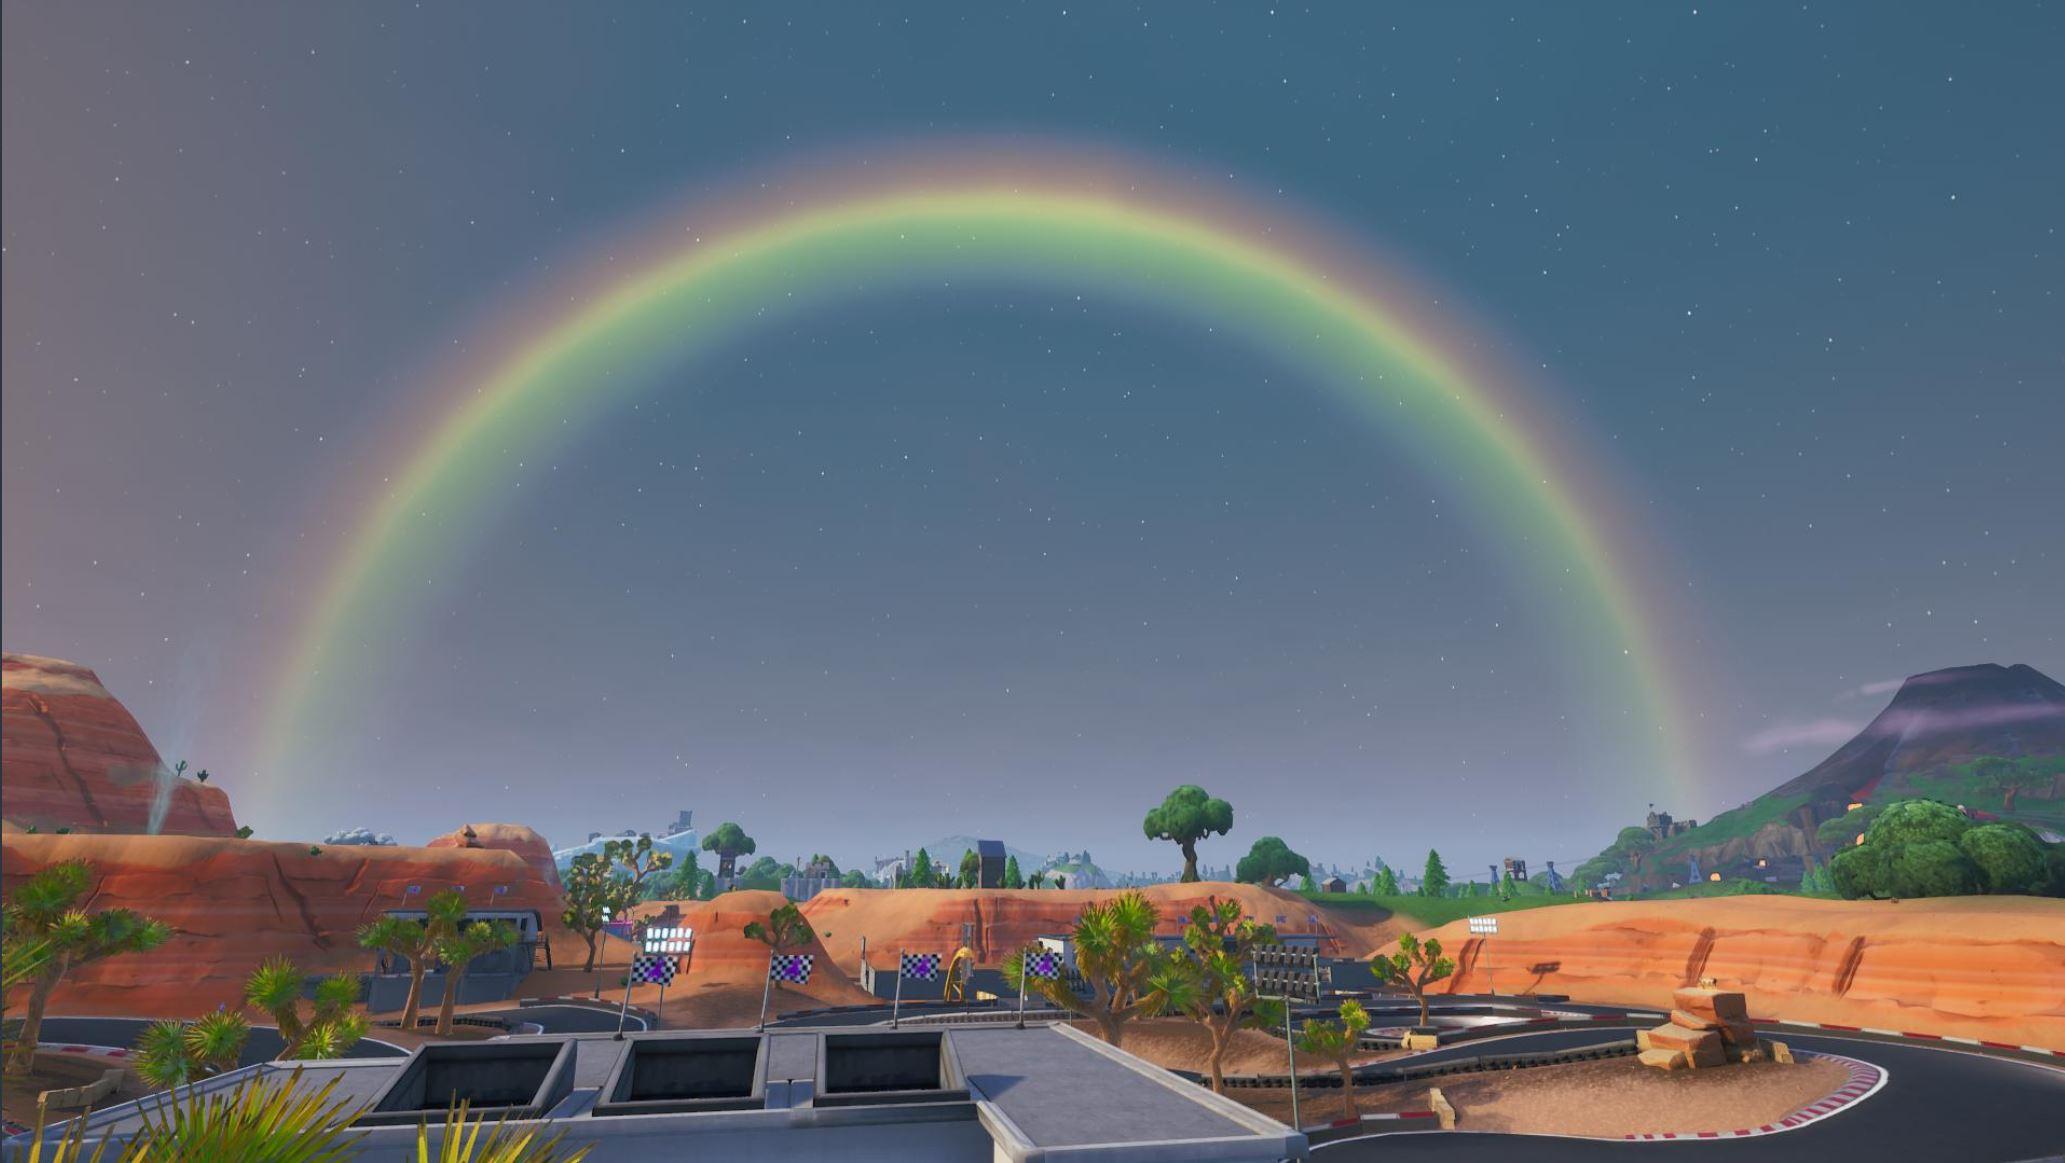 Fortnite feiert heute Event mit neuem Modus Grünphase und Regenbogen